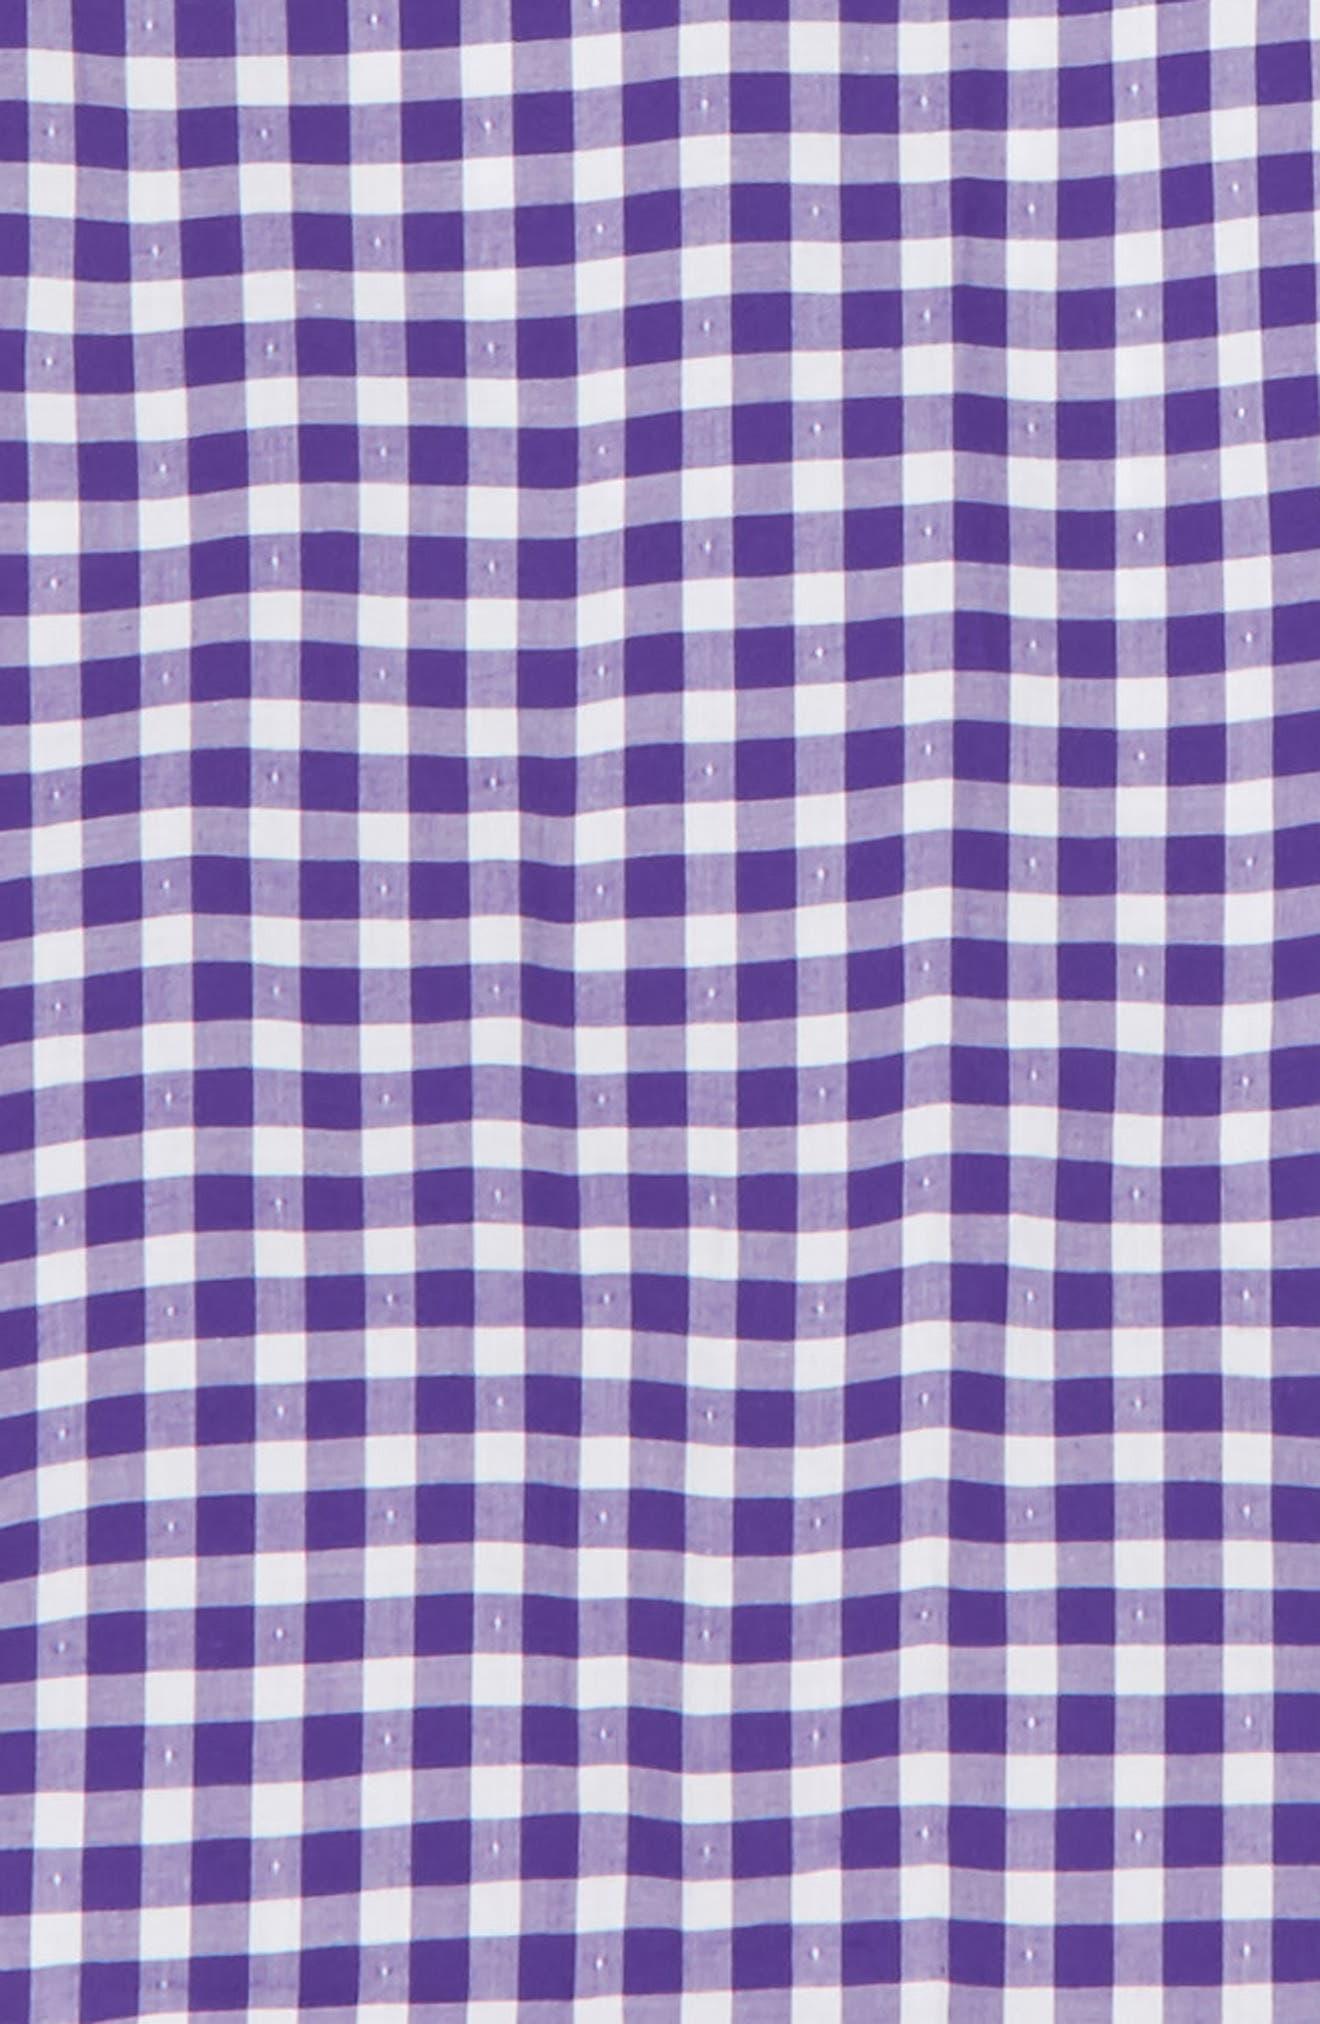 JB JR,                             Check Dress Shirt,                             Alternate thumbnail 2, color,                             531